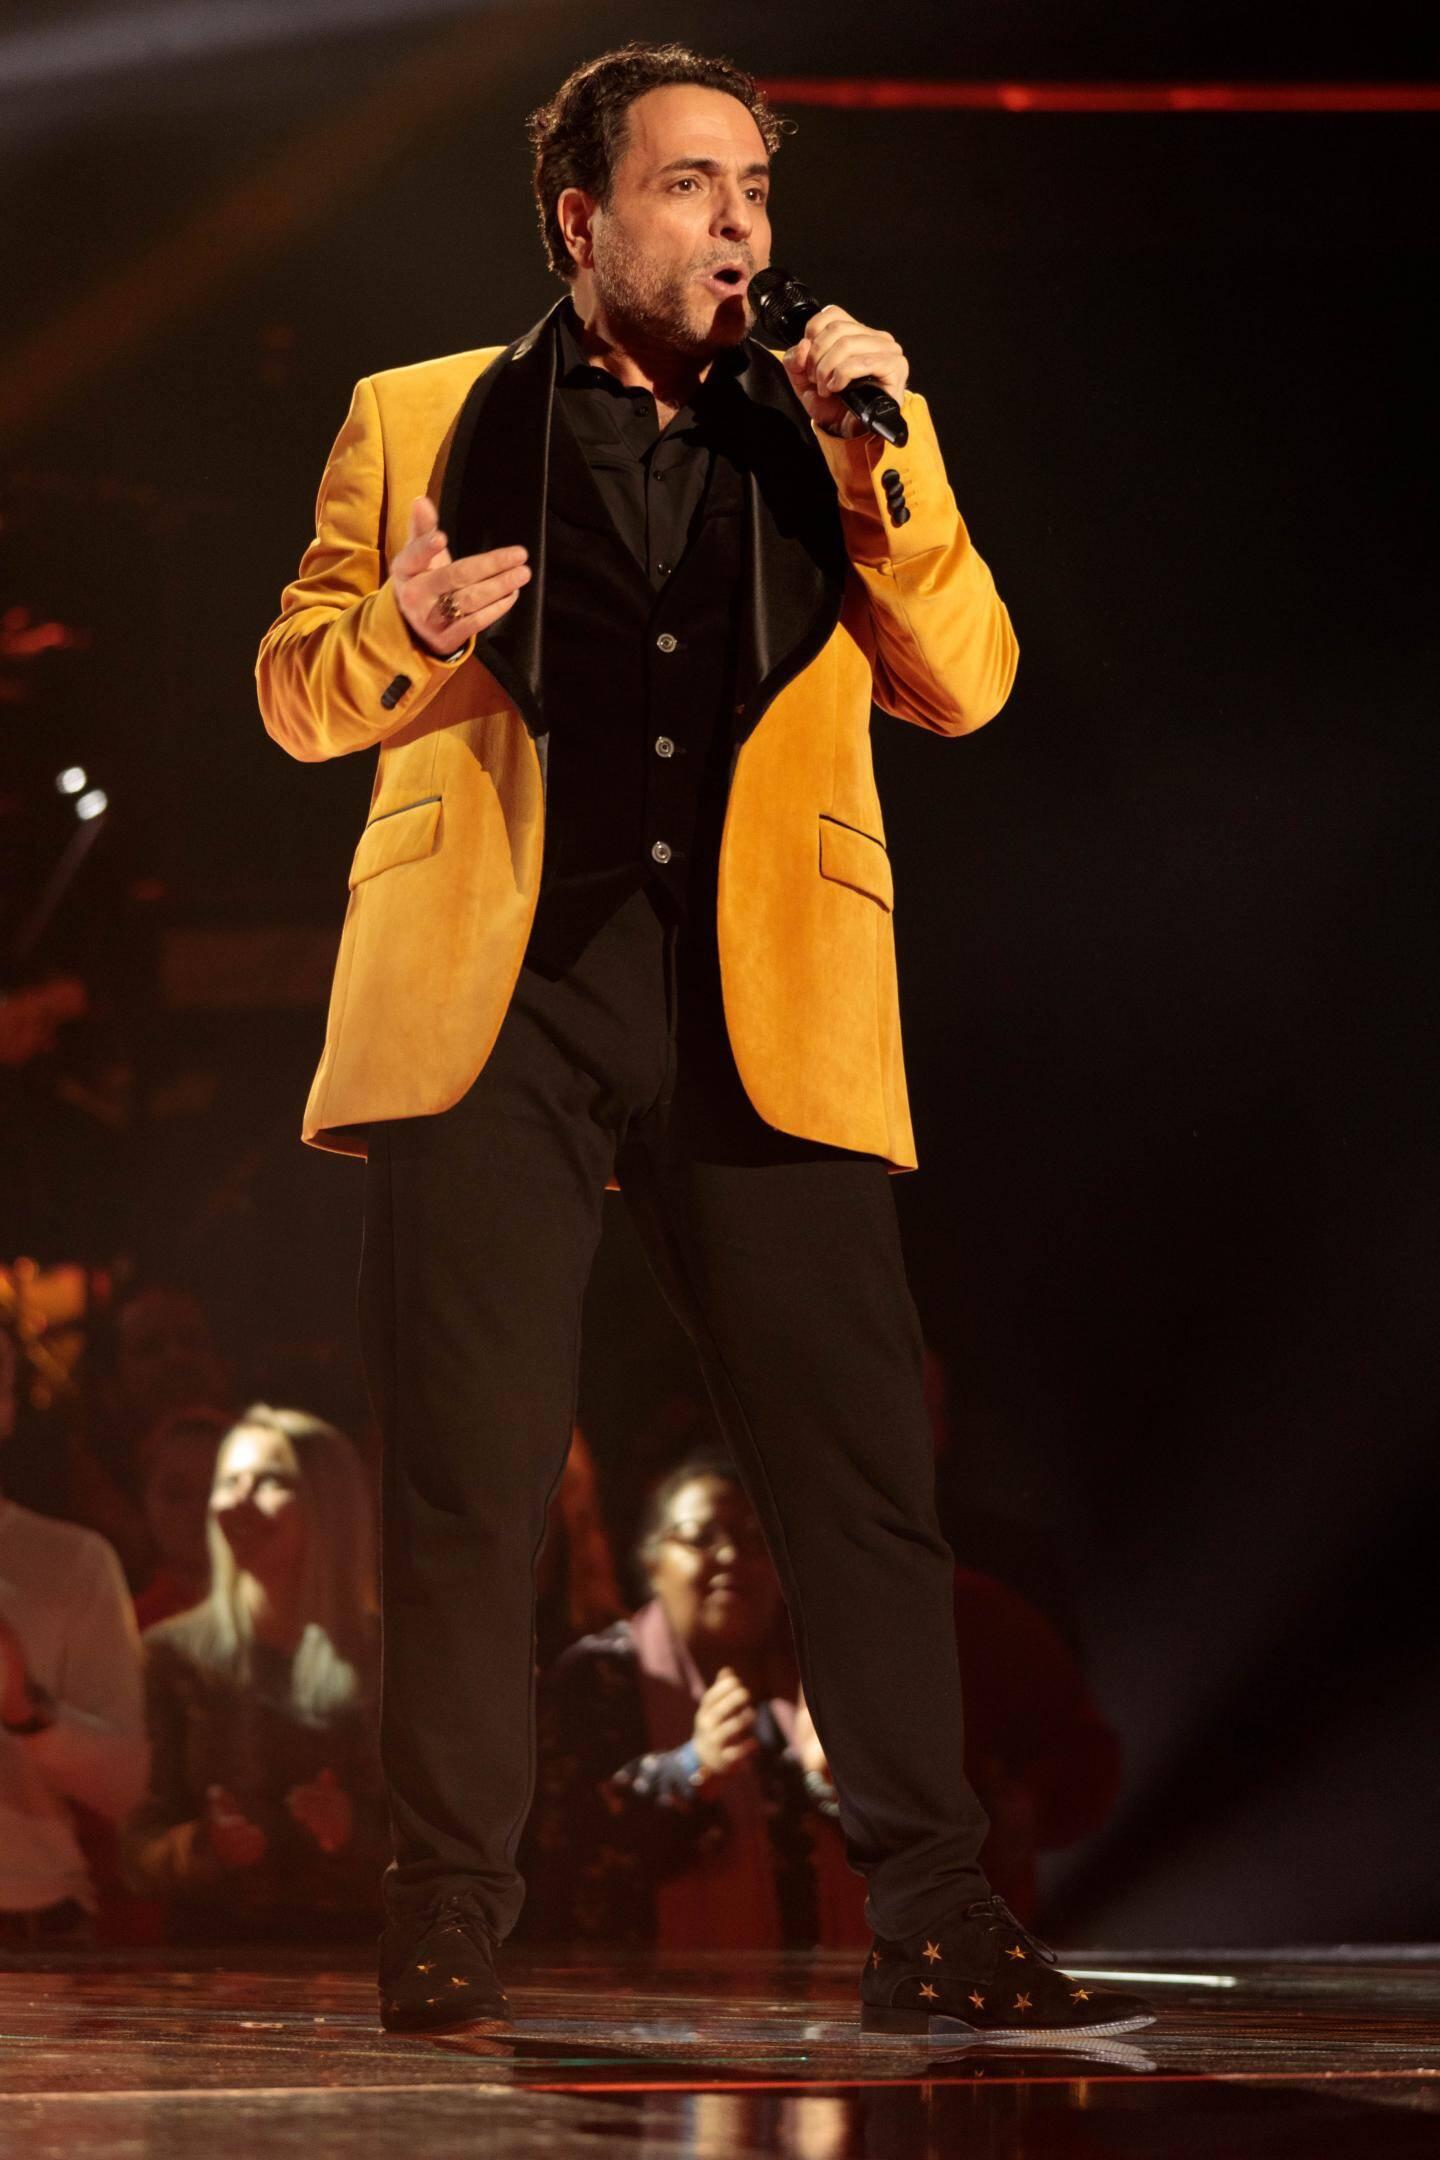 Gilles San Juan, de retour sur la scène de The Voice, ce samedi soir à partir de 21 h sur TF1.